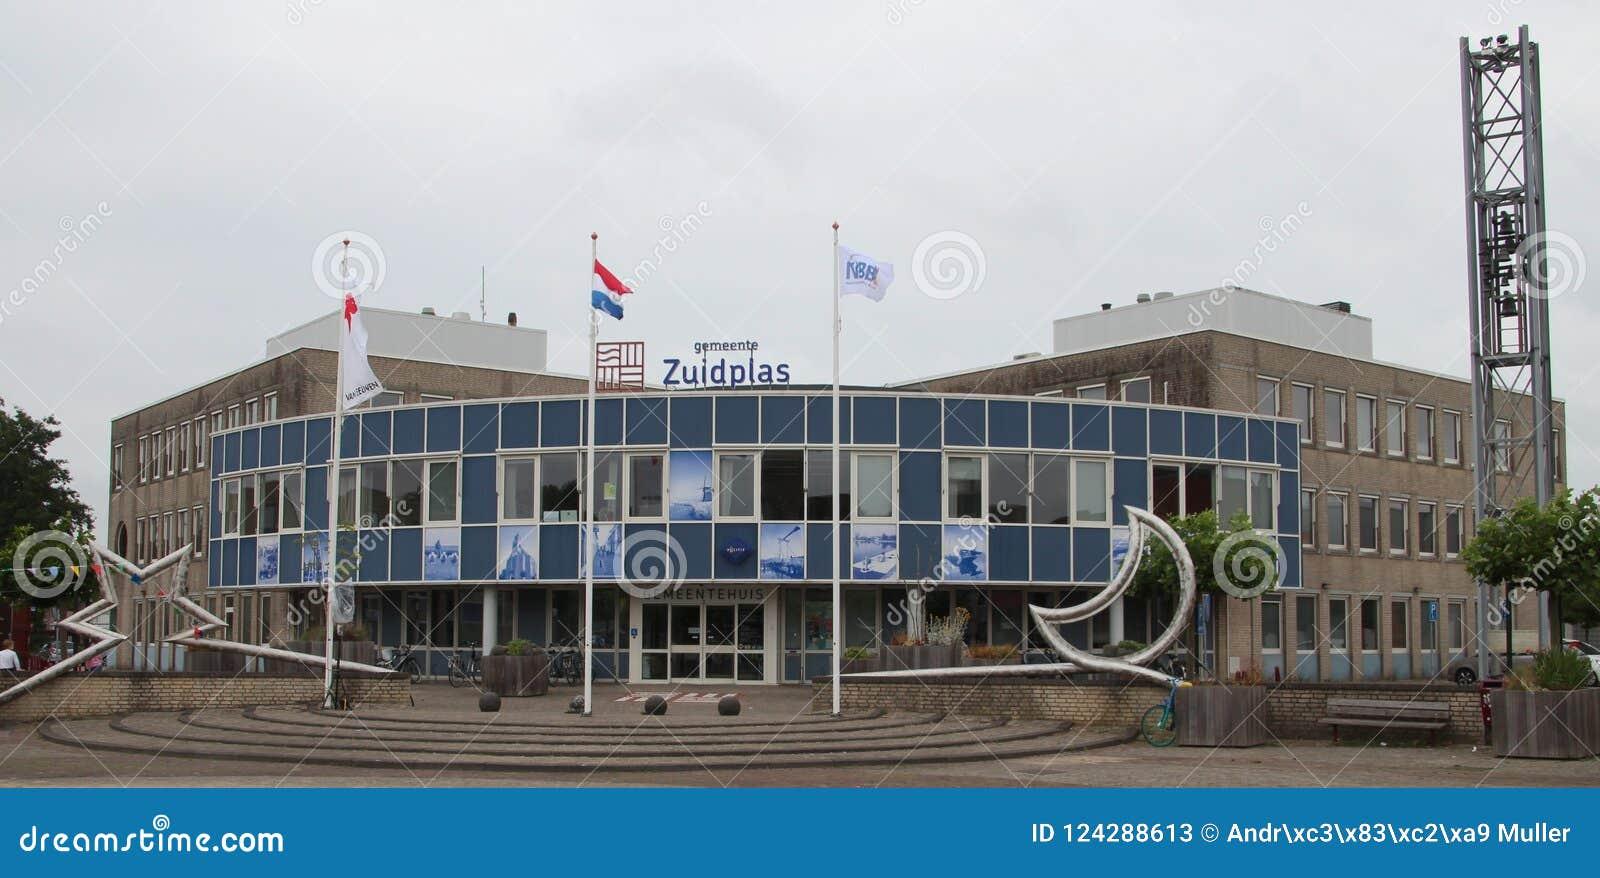 Η αίθουσα πόλεων στο κρησφύγετο Ijssel Nieuwerkerk aan για το δήμο Zuidplas στις Κάτω Χώρες που ήταν κατεδαφίζει το 2018